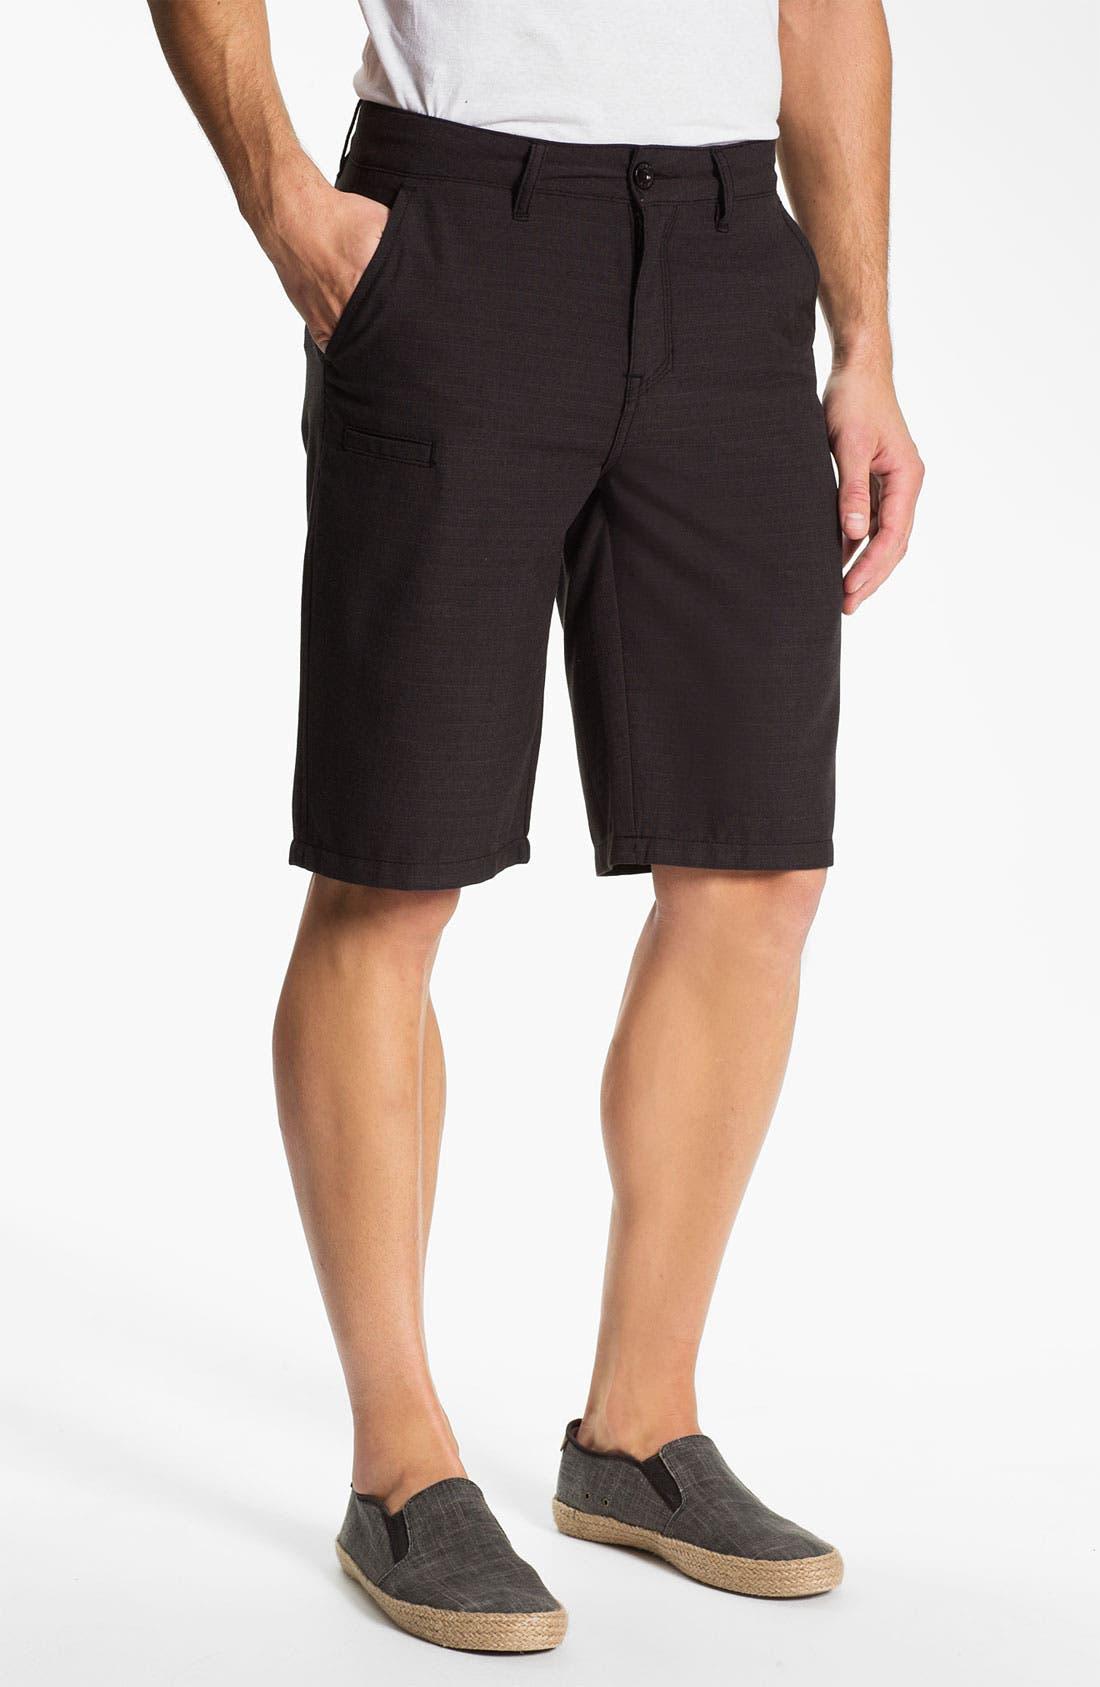 Alternate Image 1 Selected - Ezekiel 'Mick' Shorts